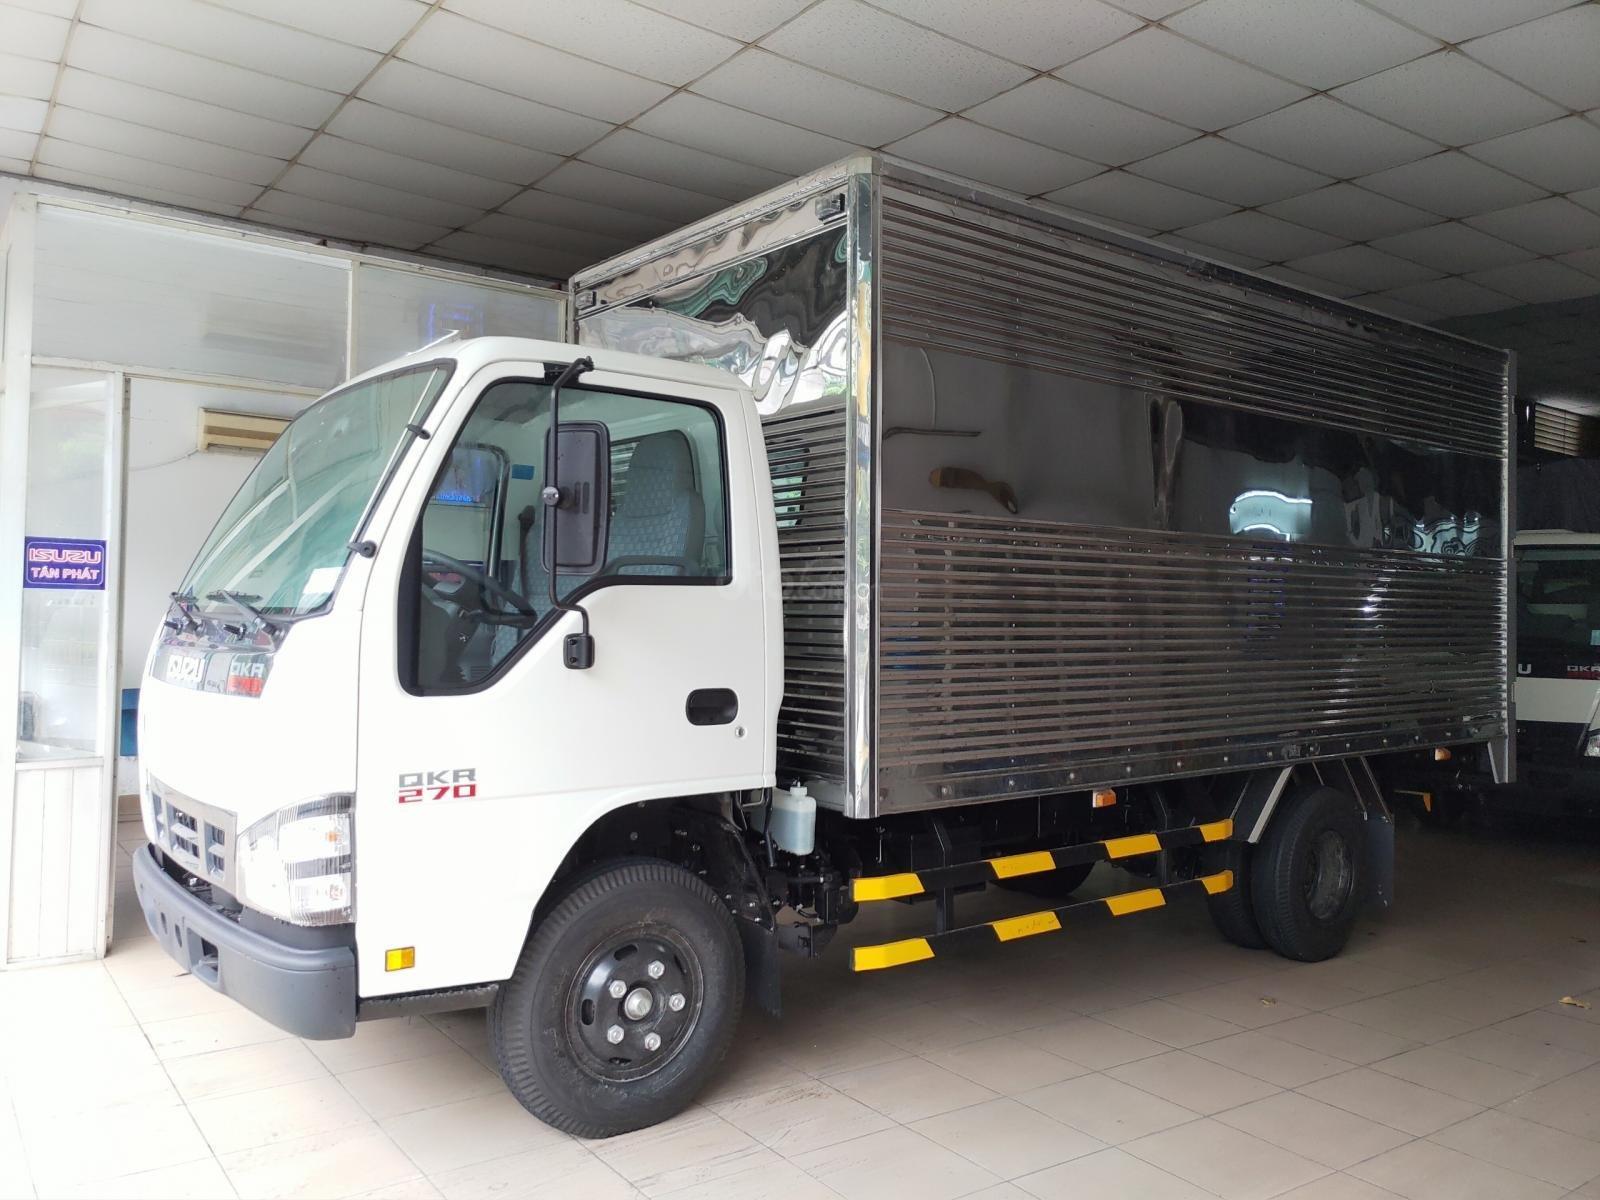 Isuzu 2850 kg, thùng dài 4m4, KM: 10.4tr tiền mặt, máy lạnh, 12 phiếu bảo dưỡng, radio MP3 (6)